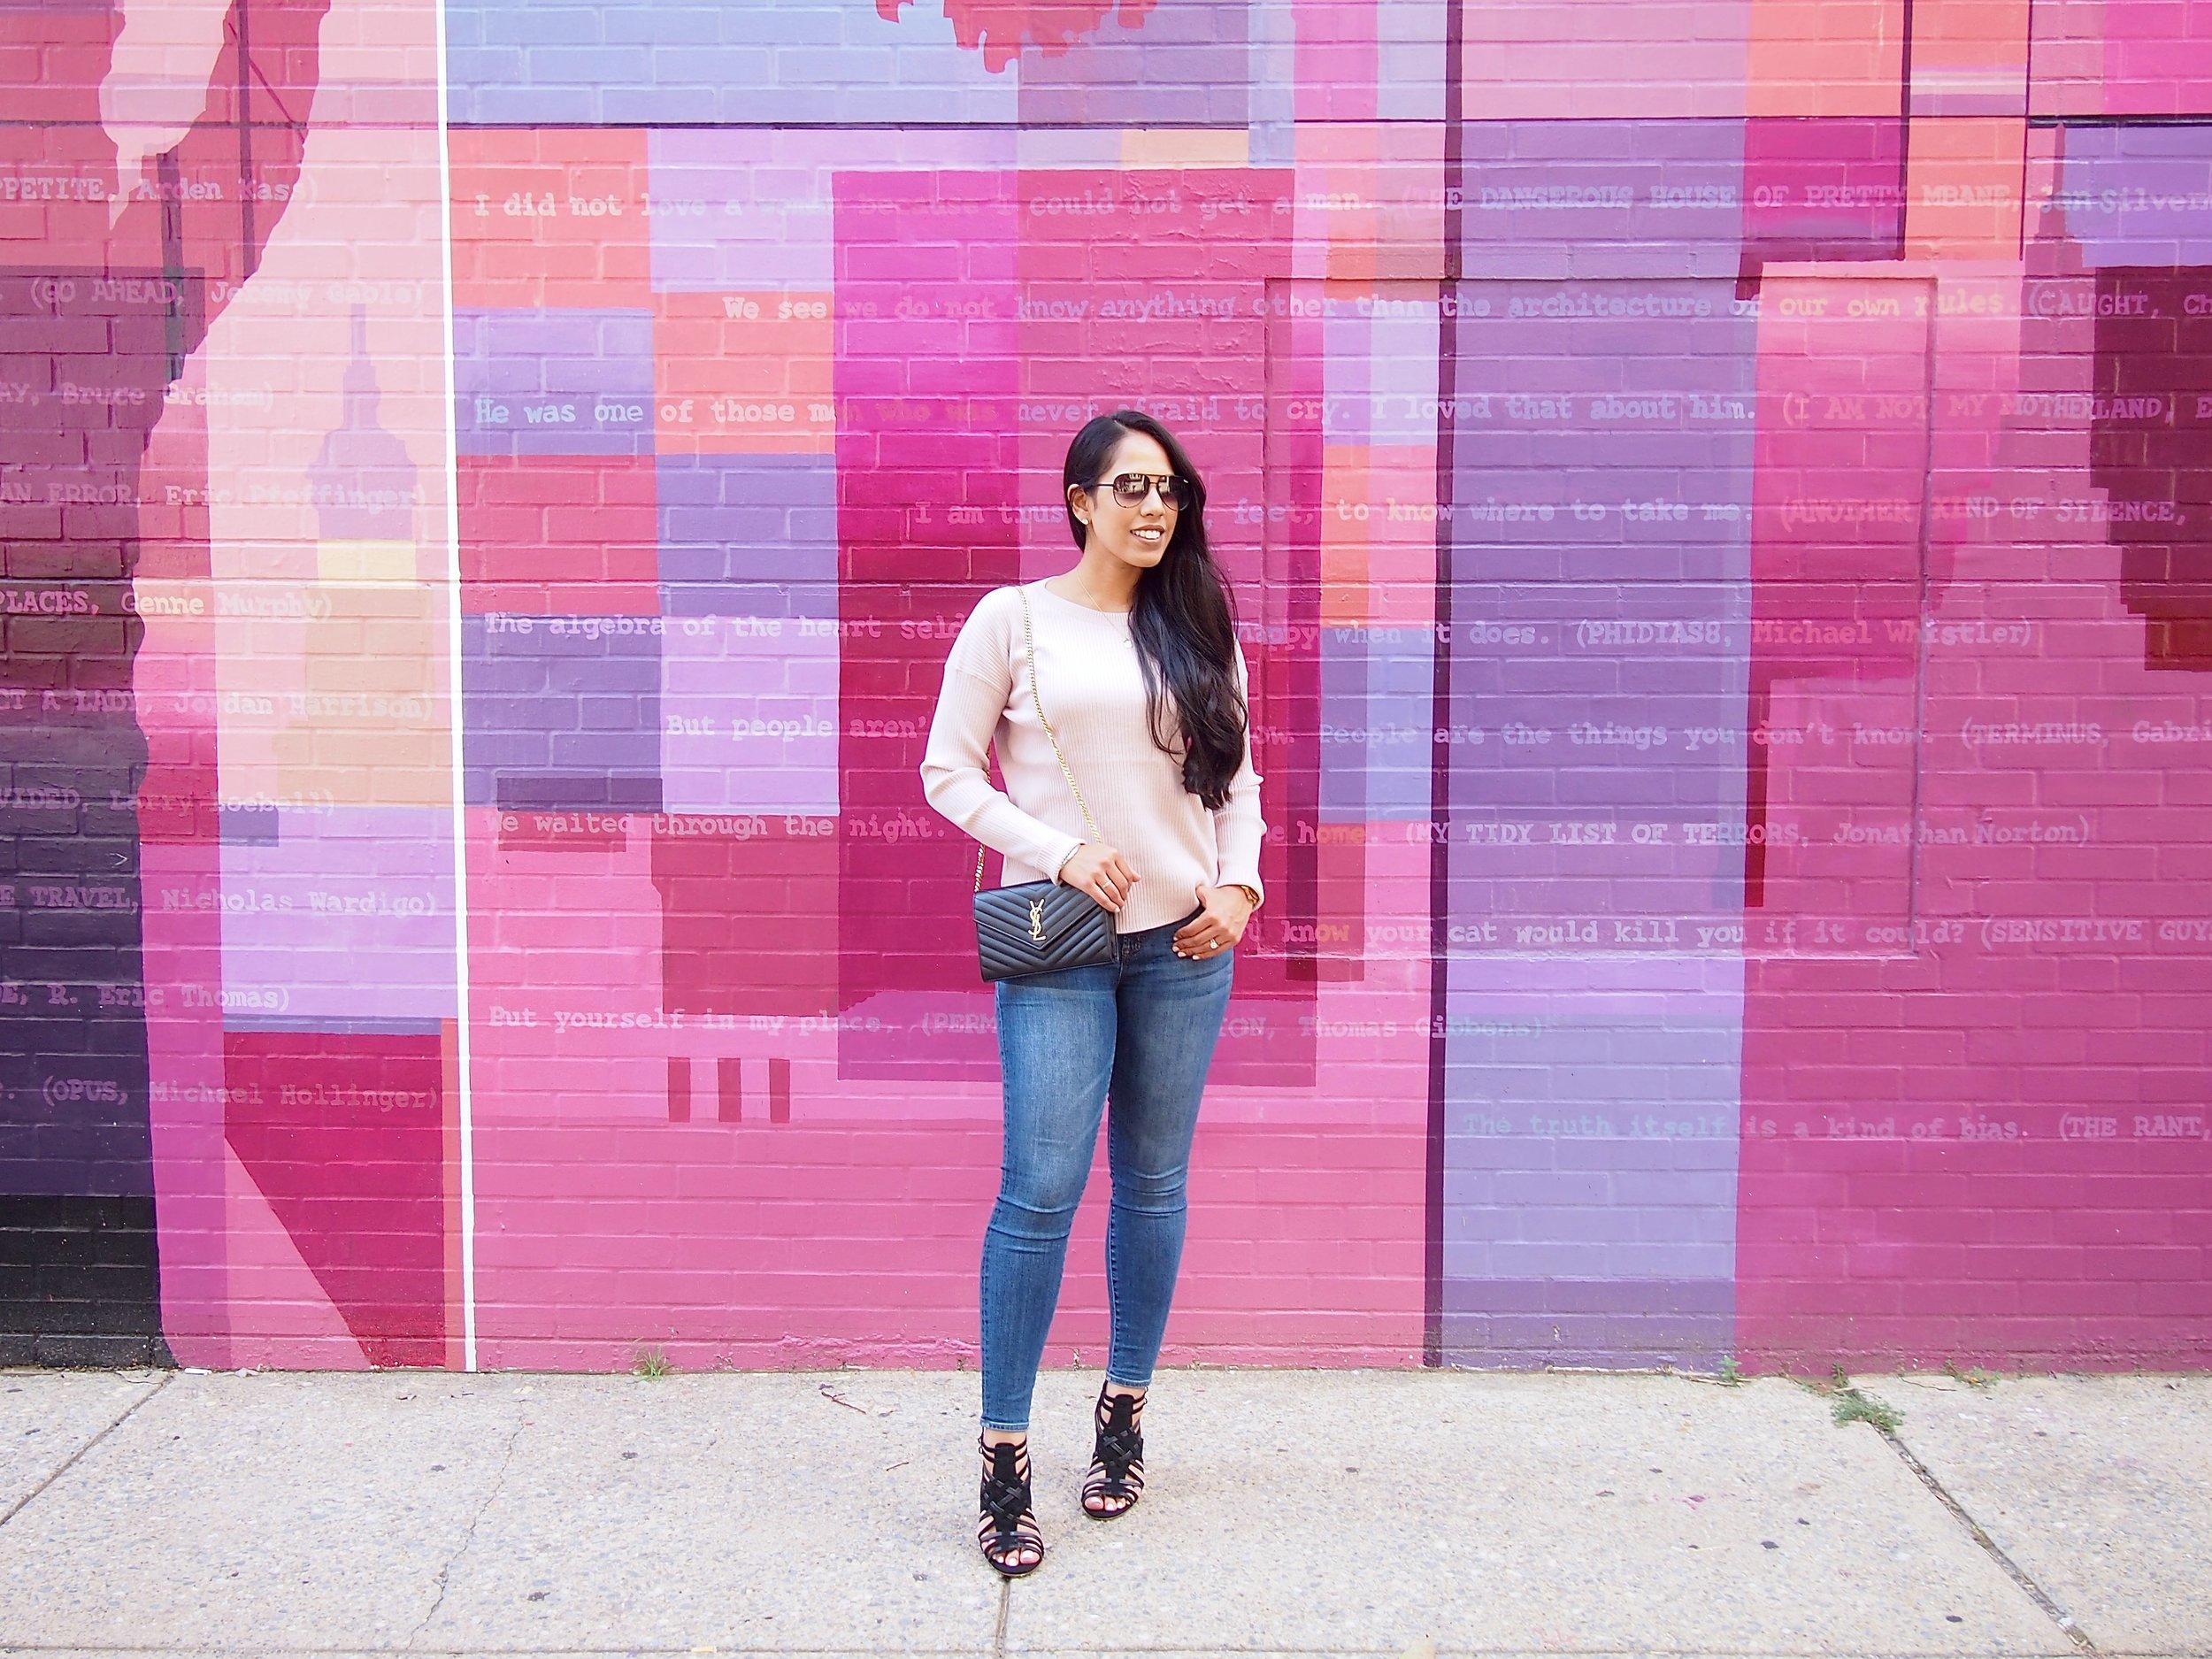 best-philadelphia-mural-fashion-blogger-mygoldenbeauty.jpg